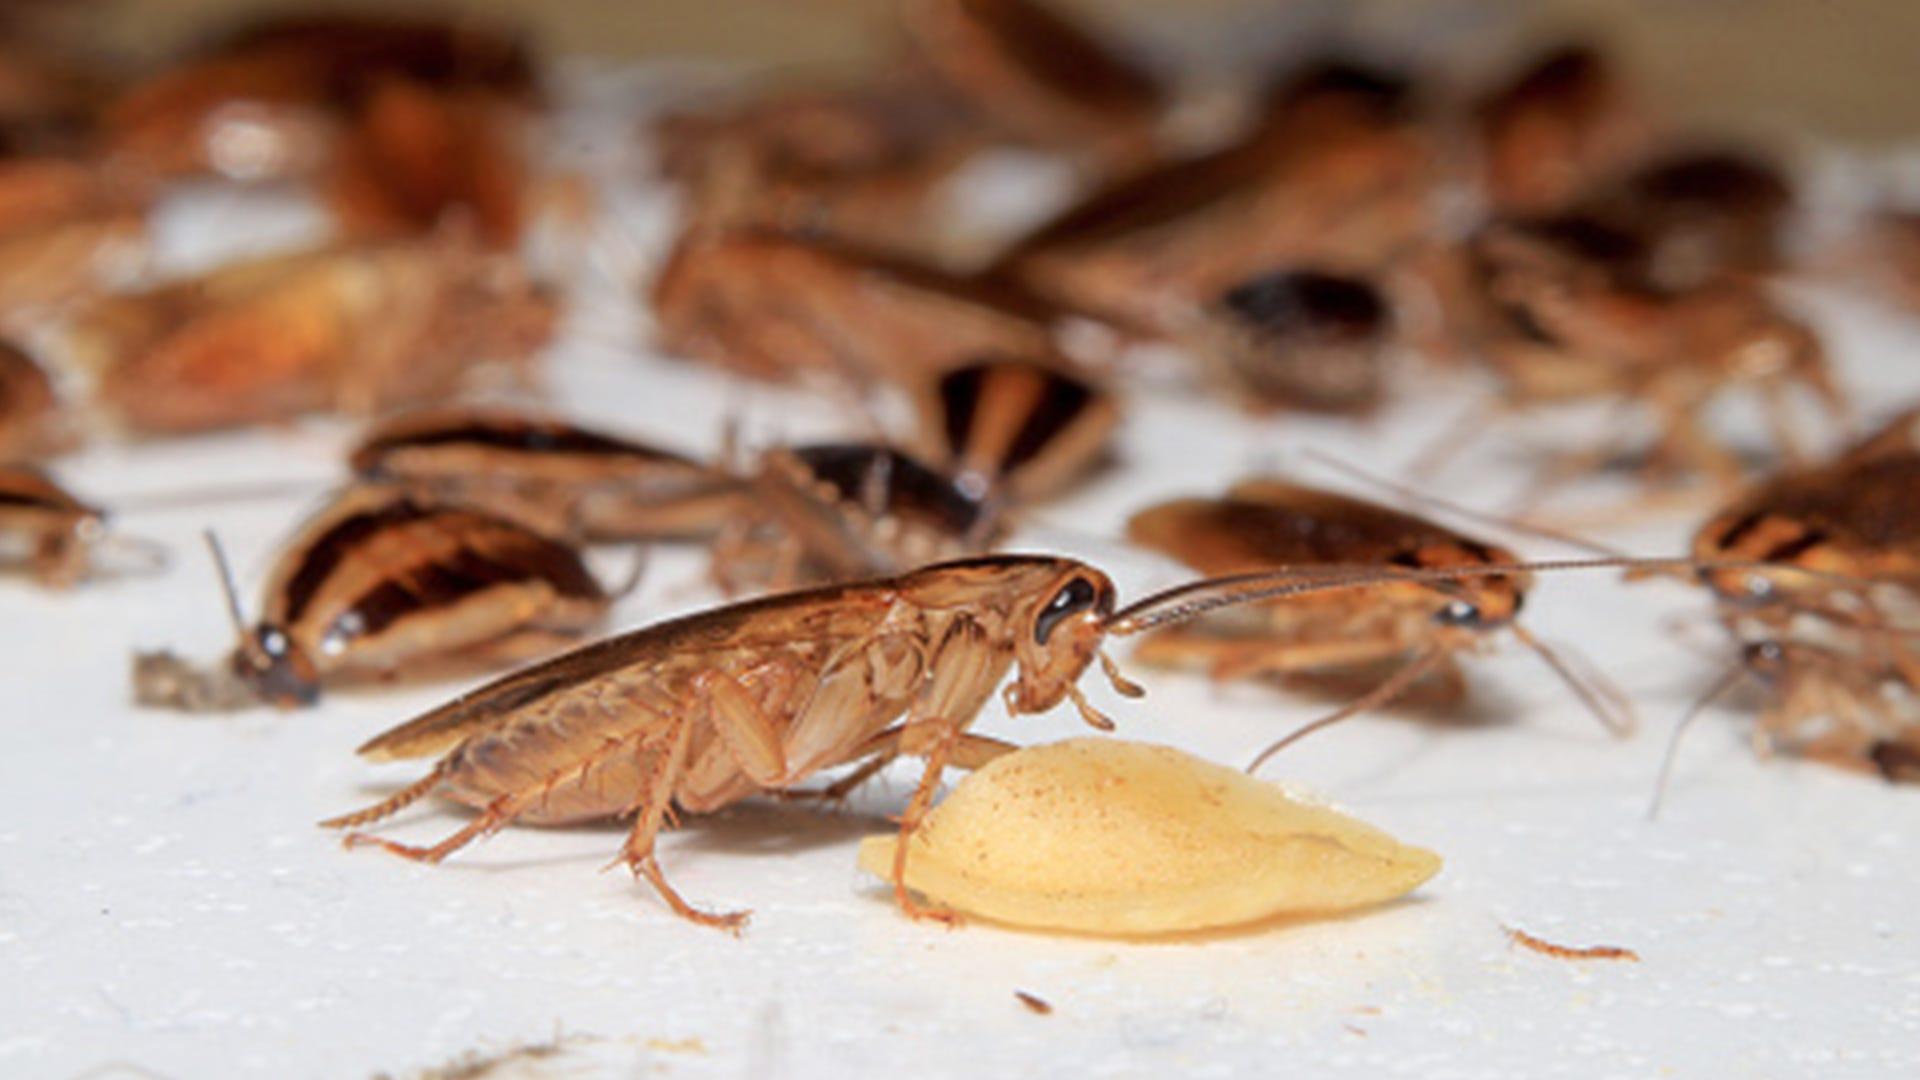 roach eating